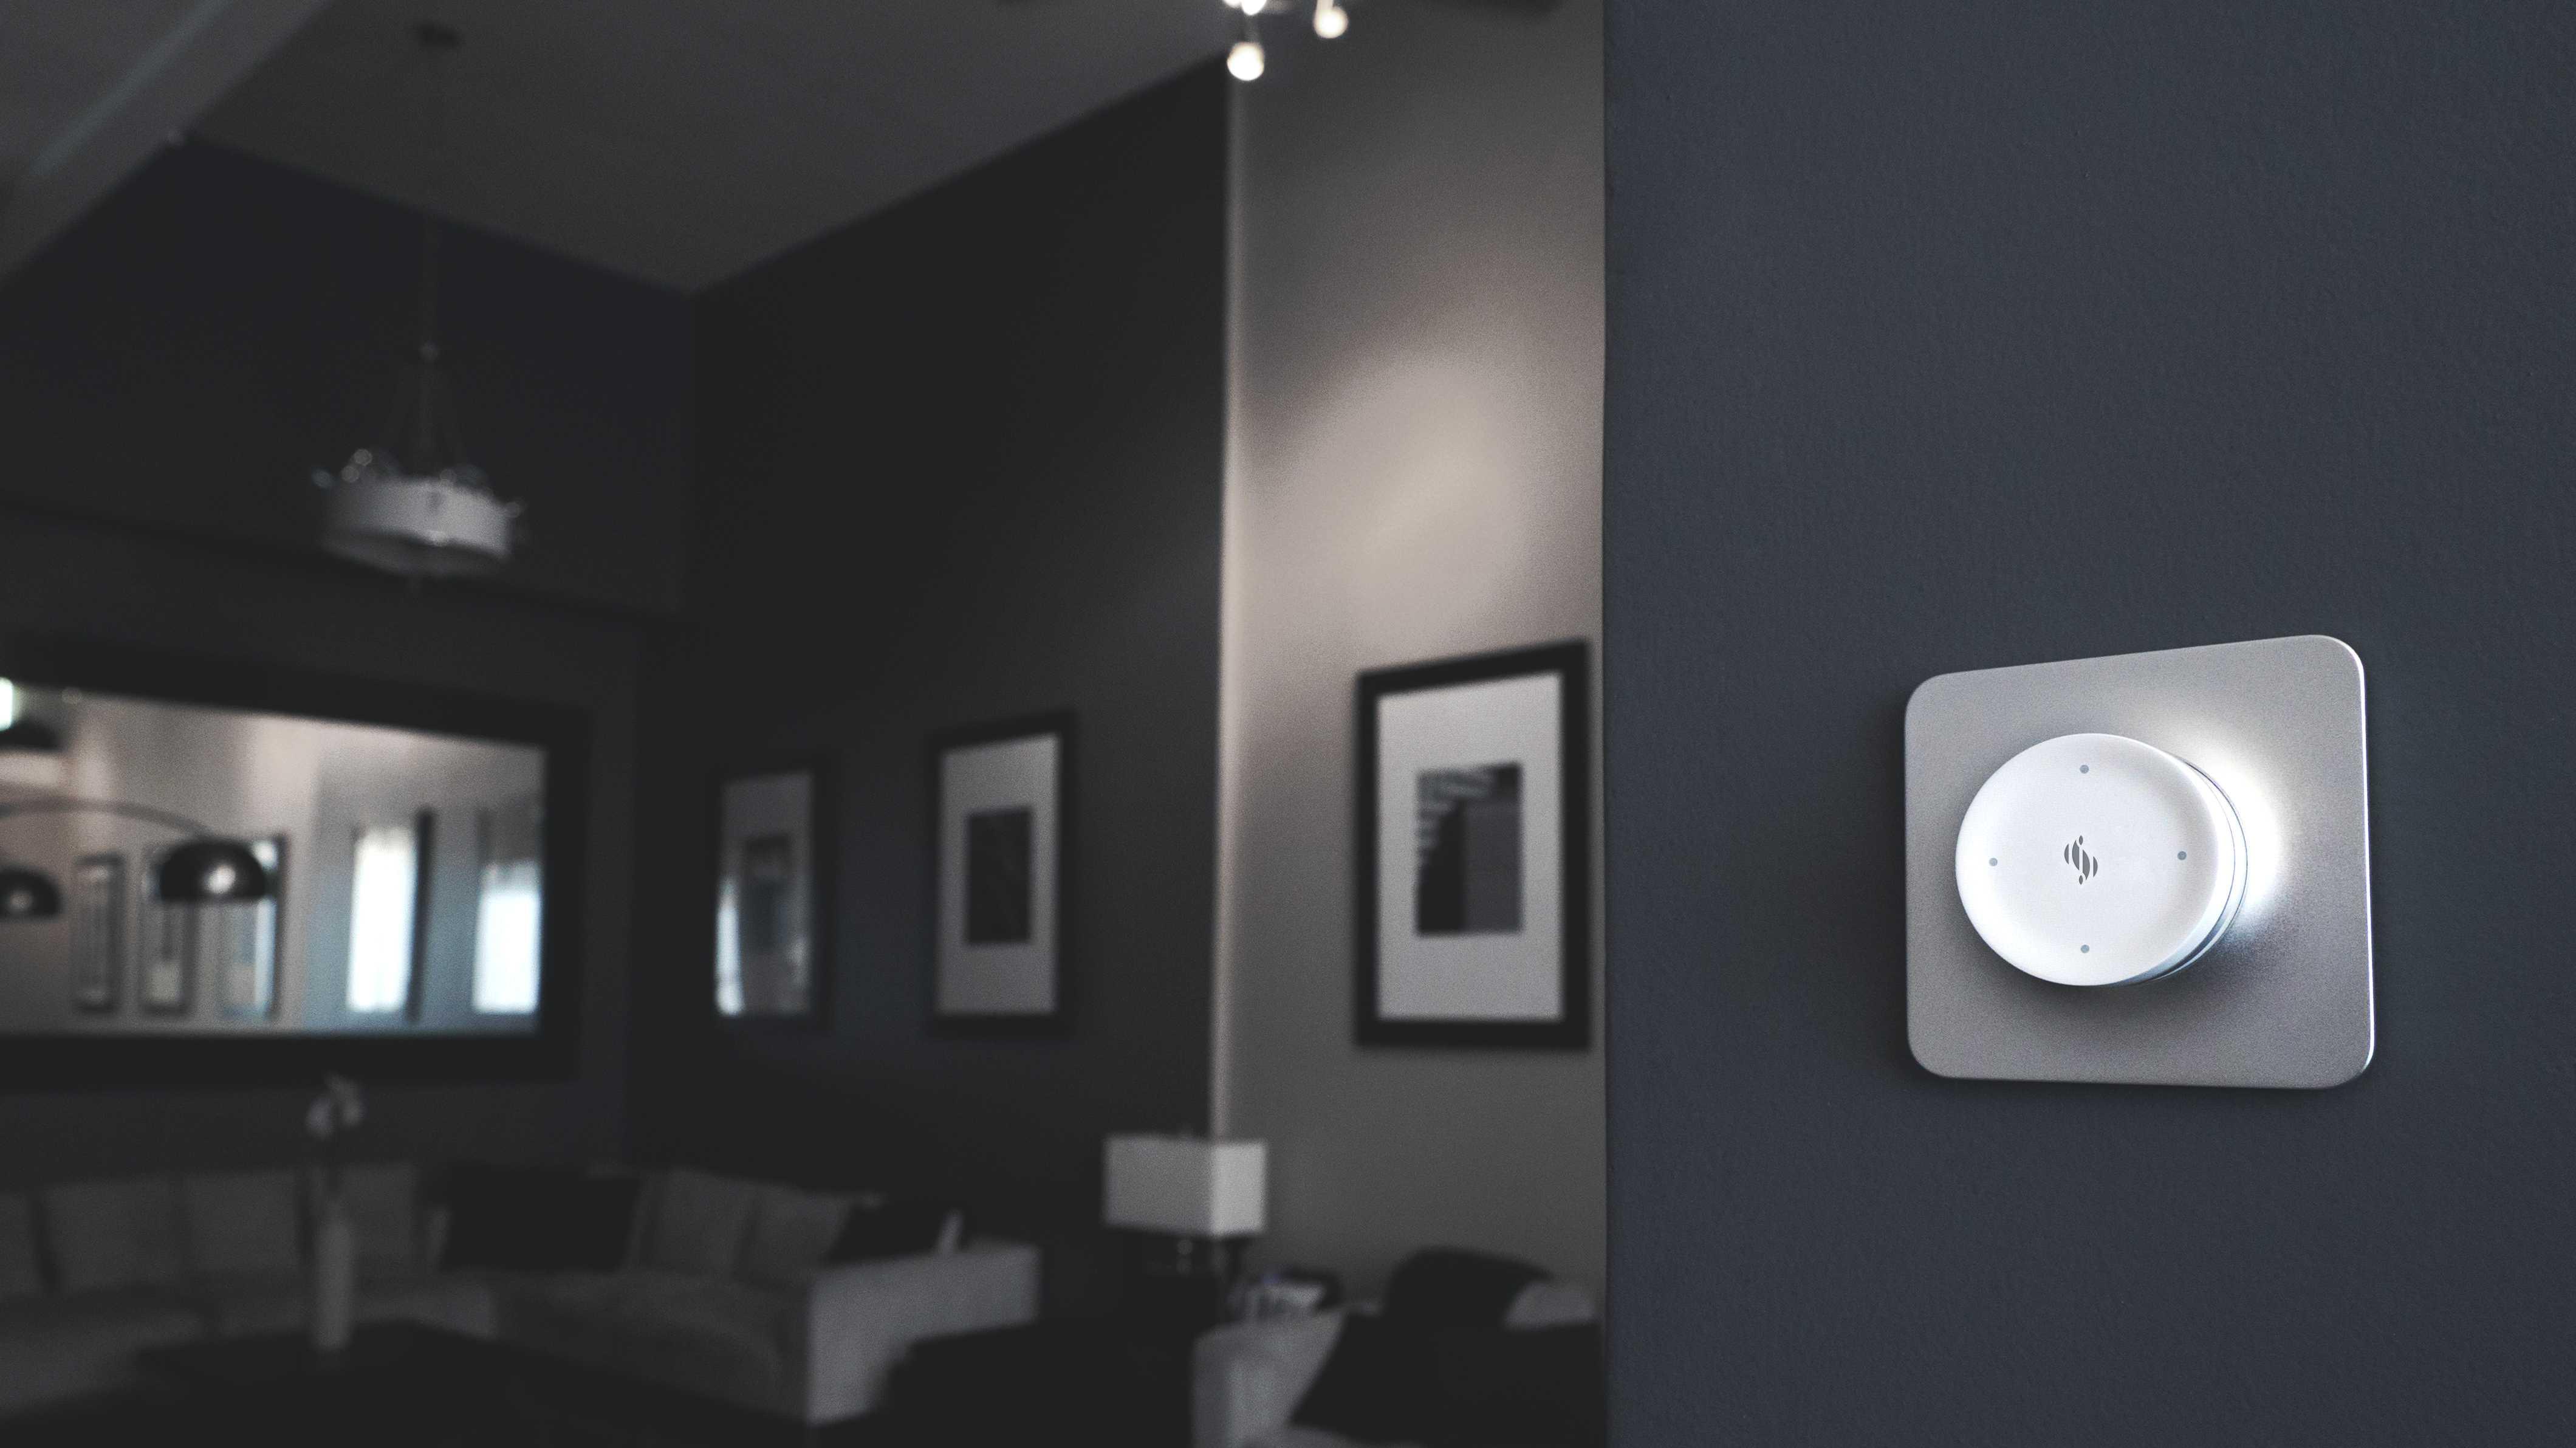 Bluetooth Smart: Schalter läuft mit einer Batterie bis zu acht Jahre